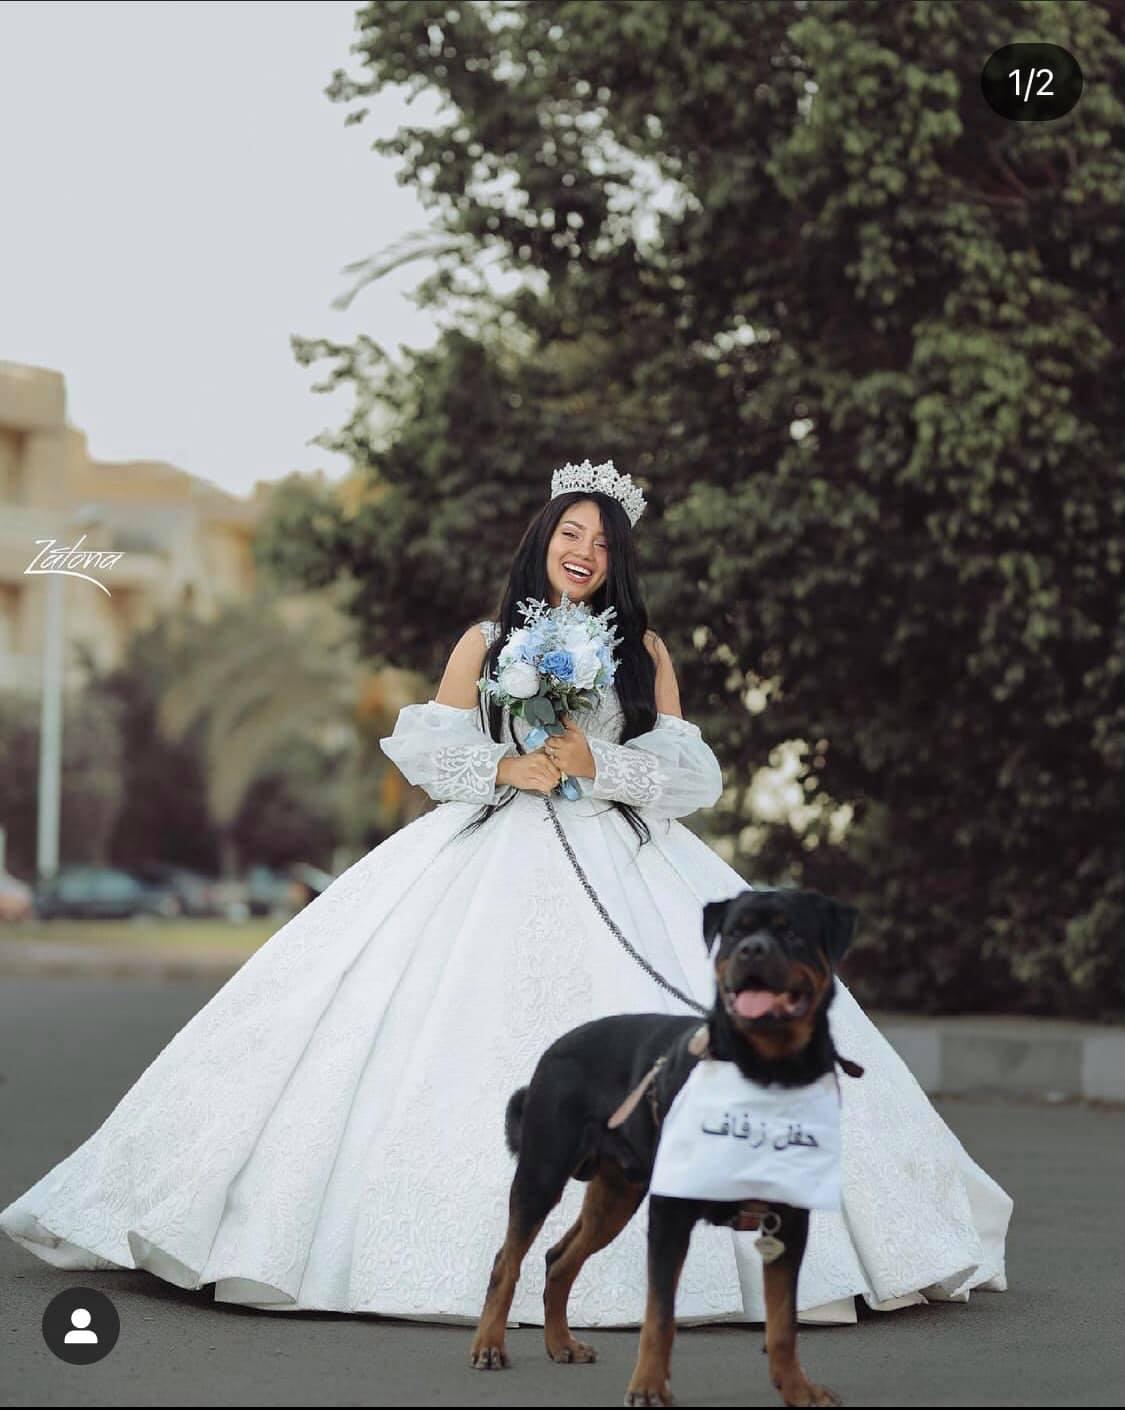 حقيقة زواج البلوجر هبة مبروك من كلب